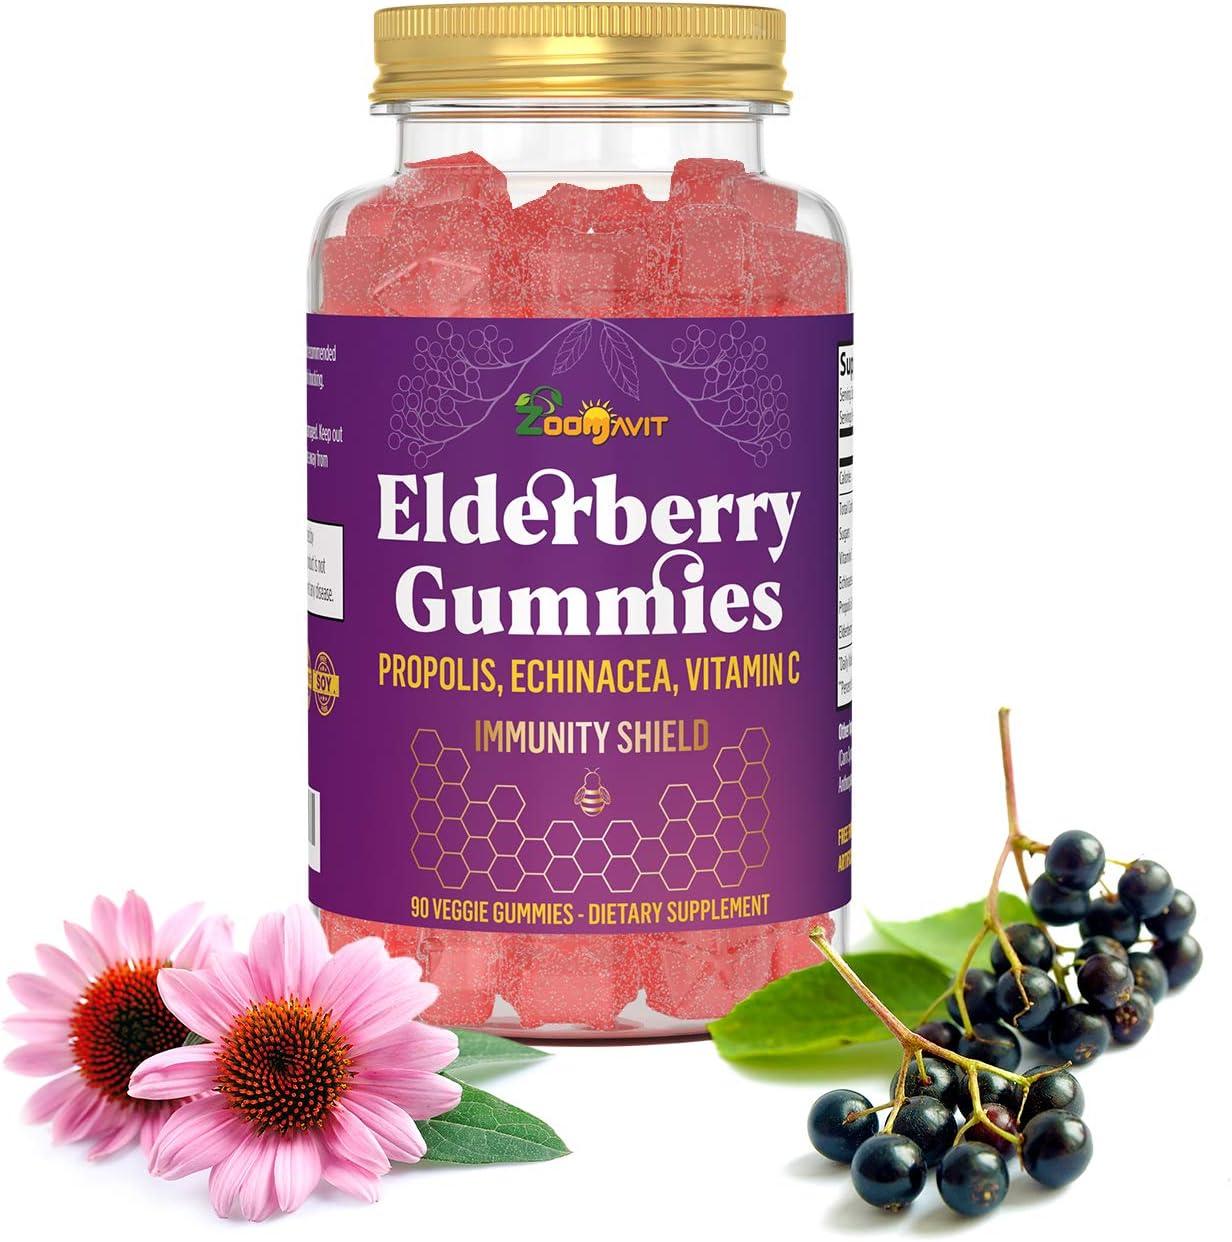 Elderberry Cash special price Gummies Fees free with Vitamin C Echinacea - Immune Propolis